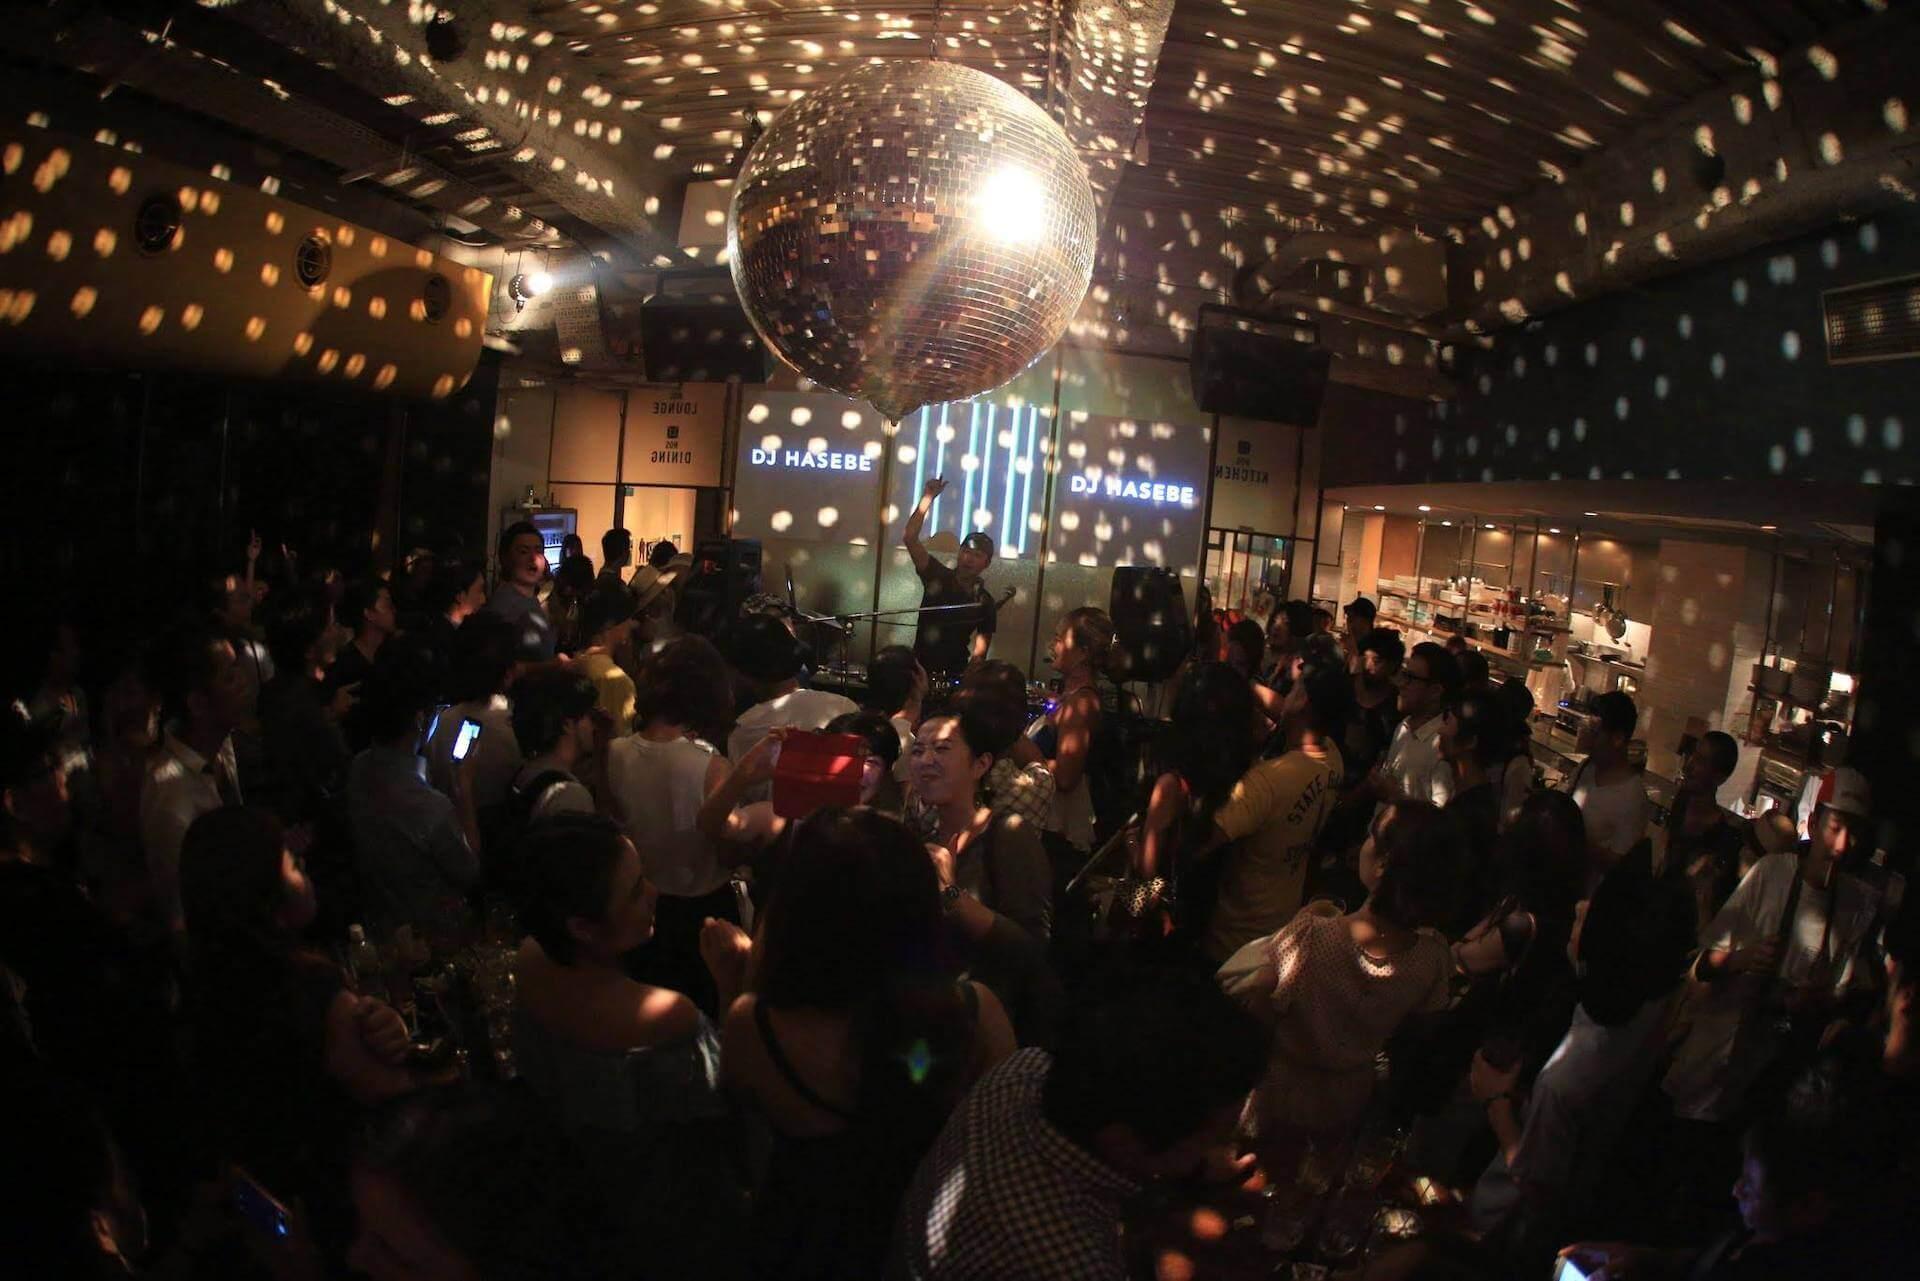 日本からタイヘ。新しい表現の場を提供してきたカルチャーパーティーSETSUZOKUの10年とは culture210320_setsuzoku-02